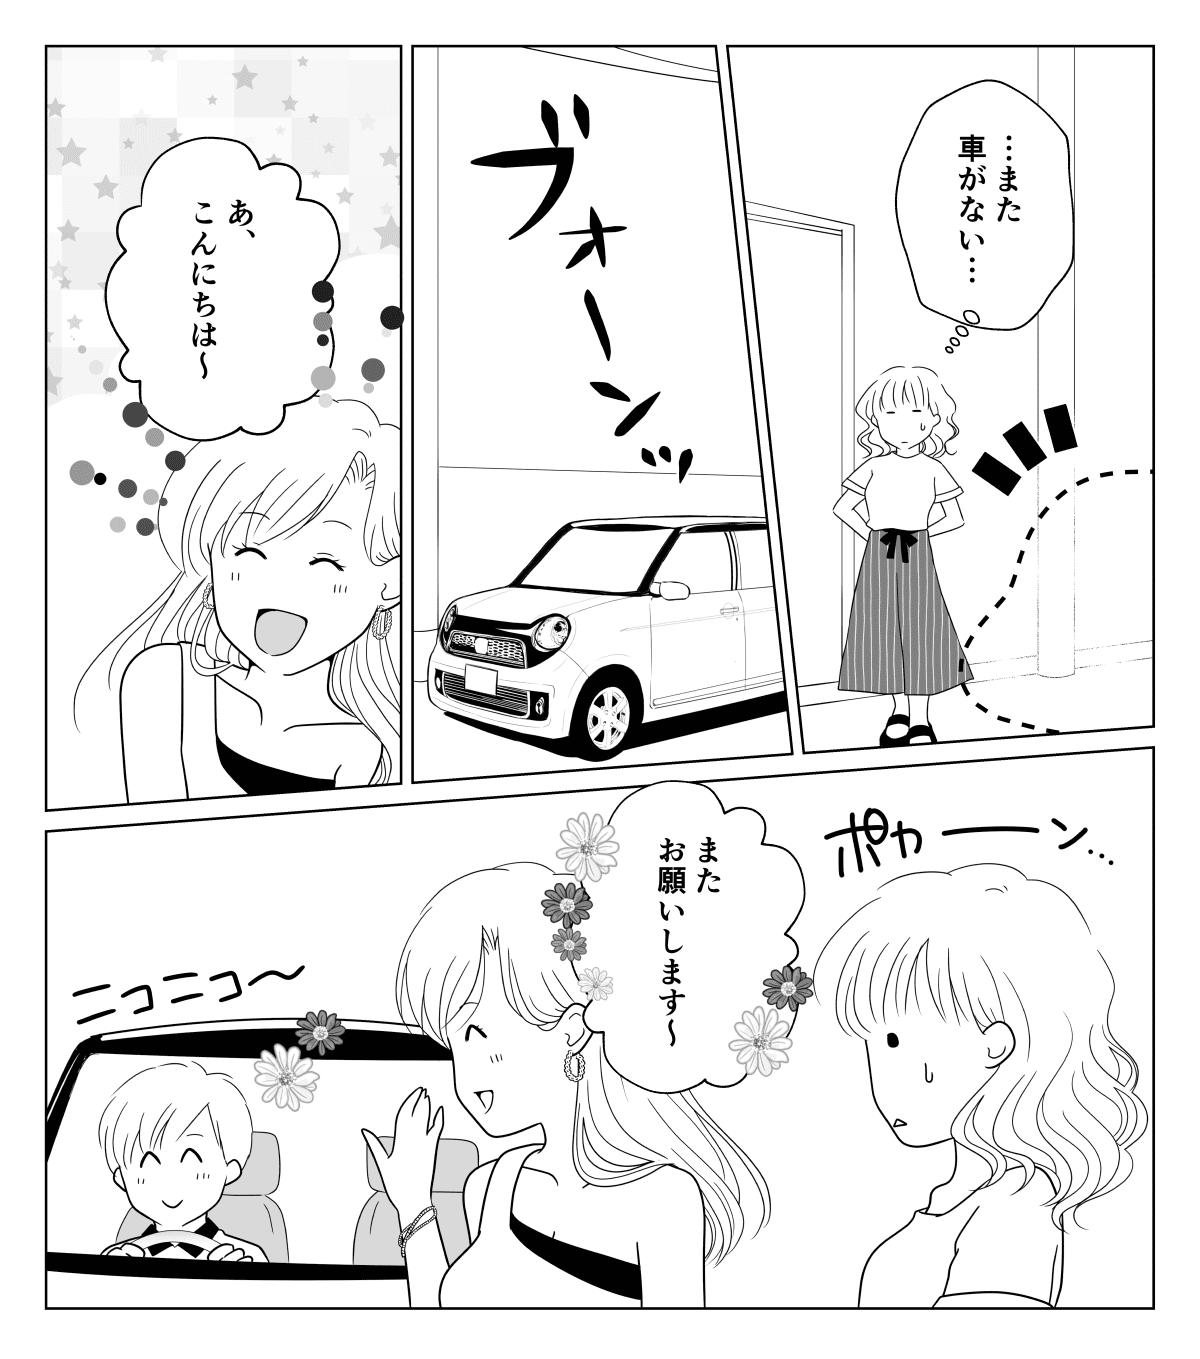 【前編】私がいない間に旦那に車を出させて買い物に行く2